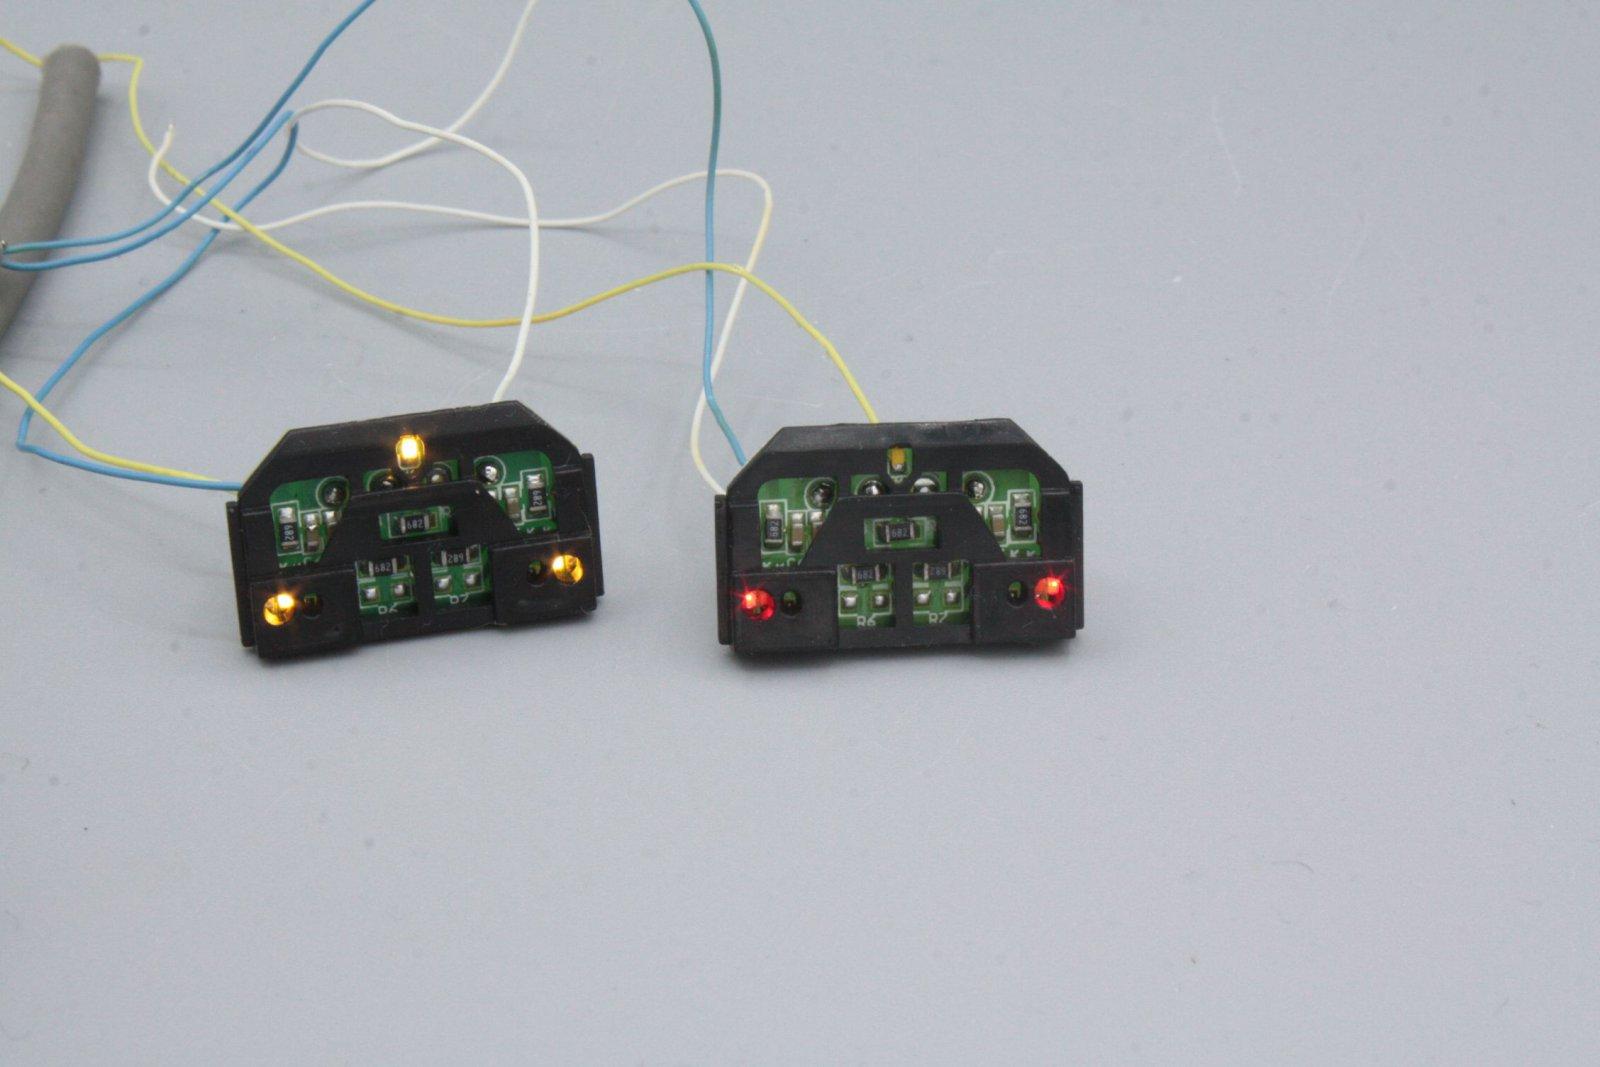 Ersatzteil Piko 185.2 / 146.2  Beleuchtungsplatinen mit Lichtwechsel weiß / rot